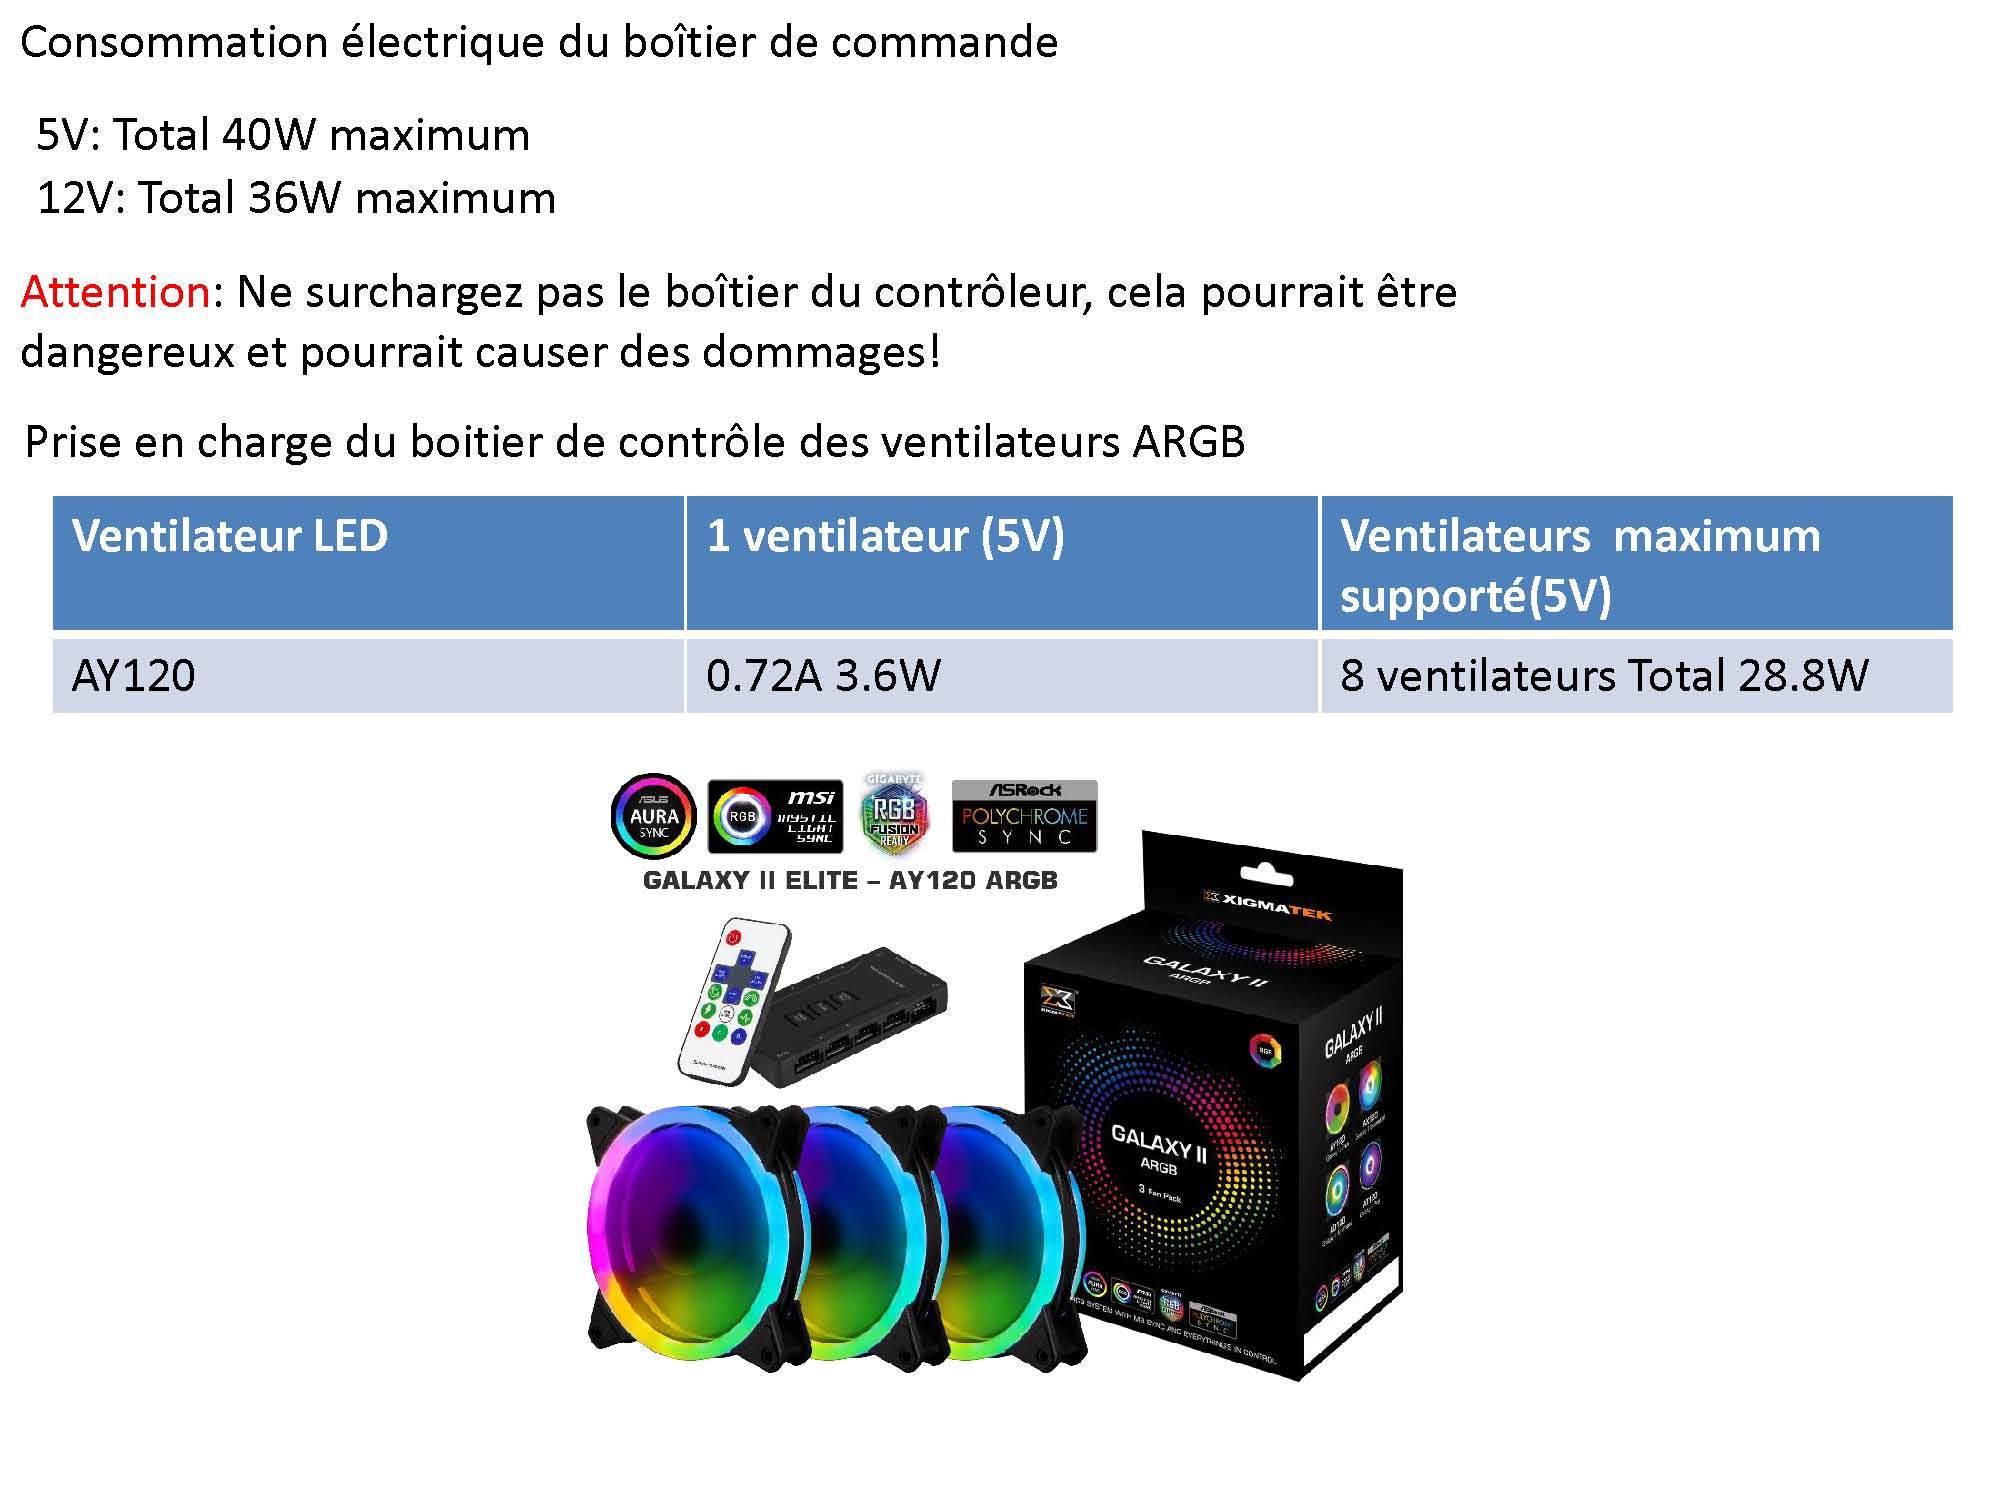 9492386086942.jpg [MS-15481123719086096-0019472158-FR]/Catalogue produits RDC et GM / Online